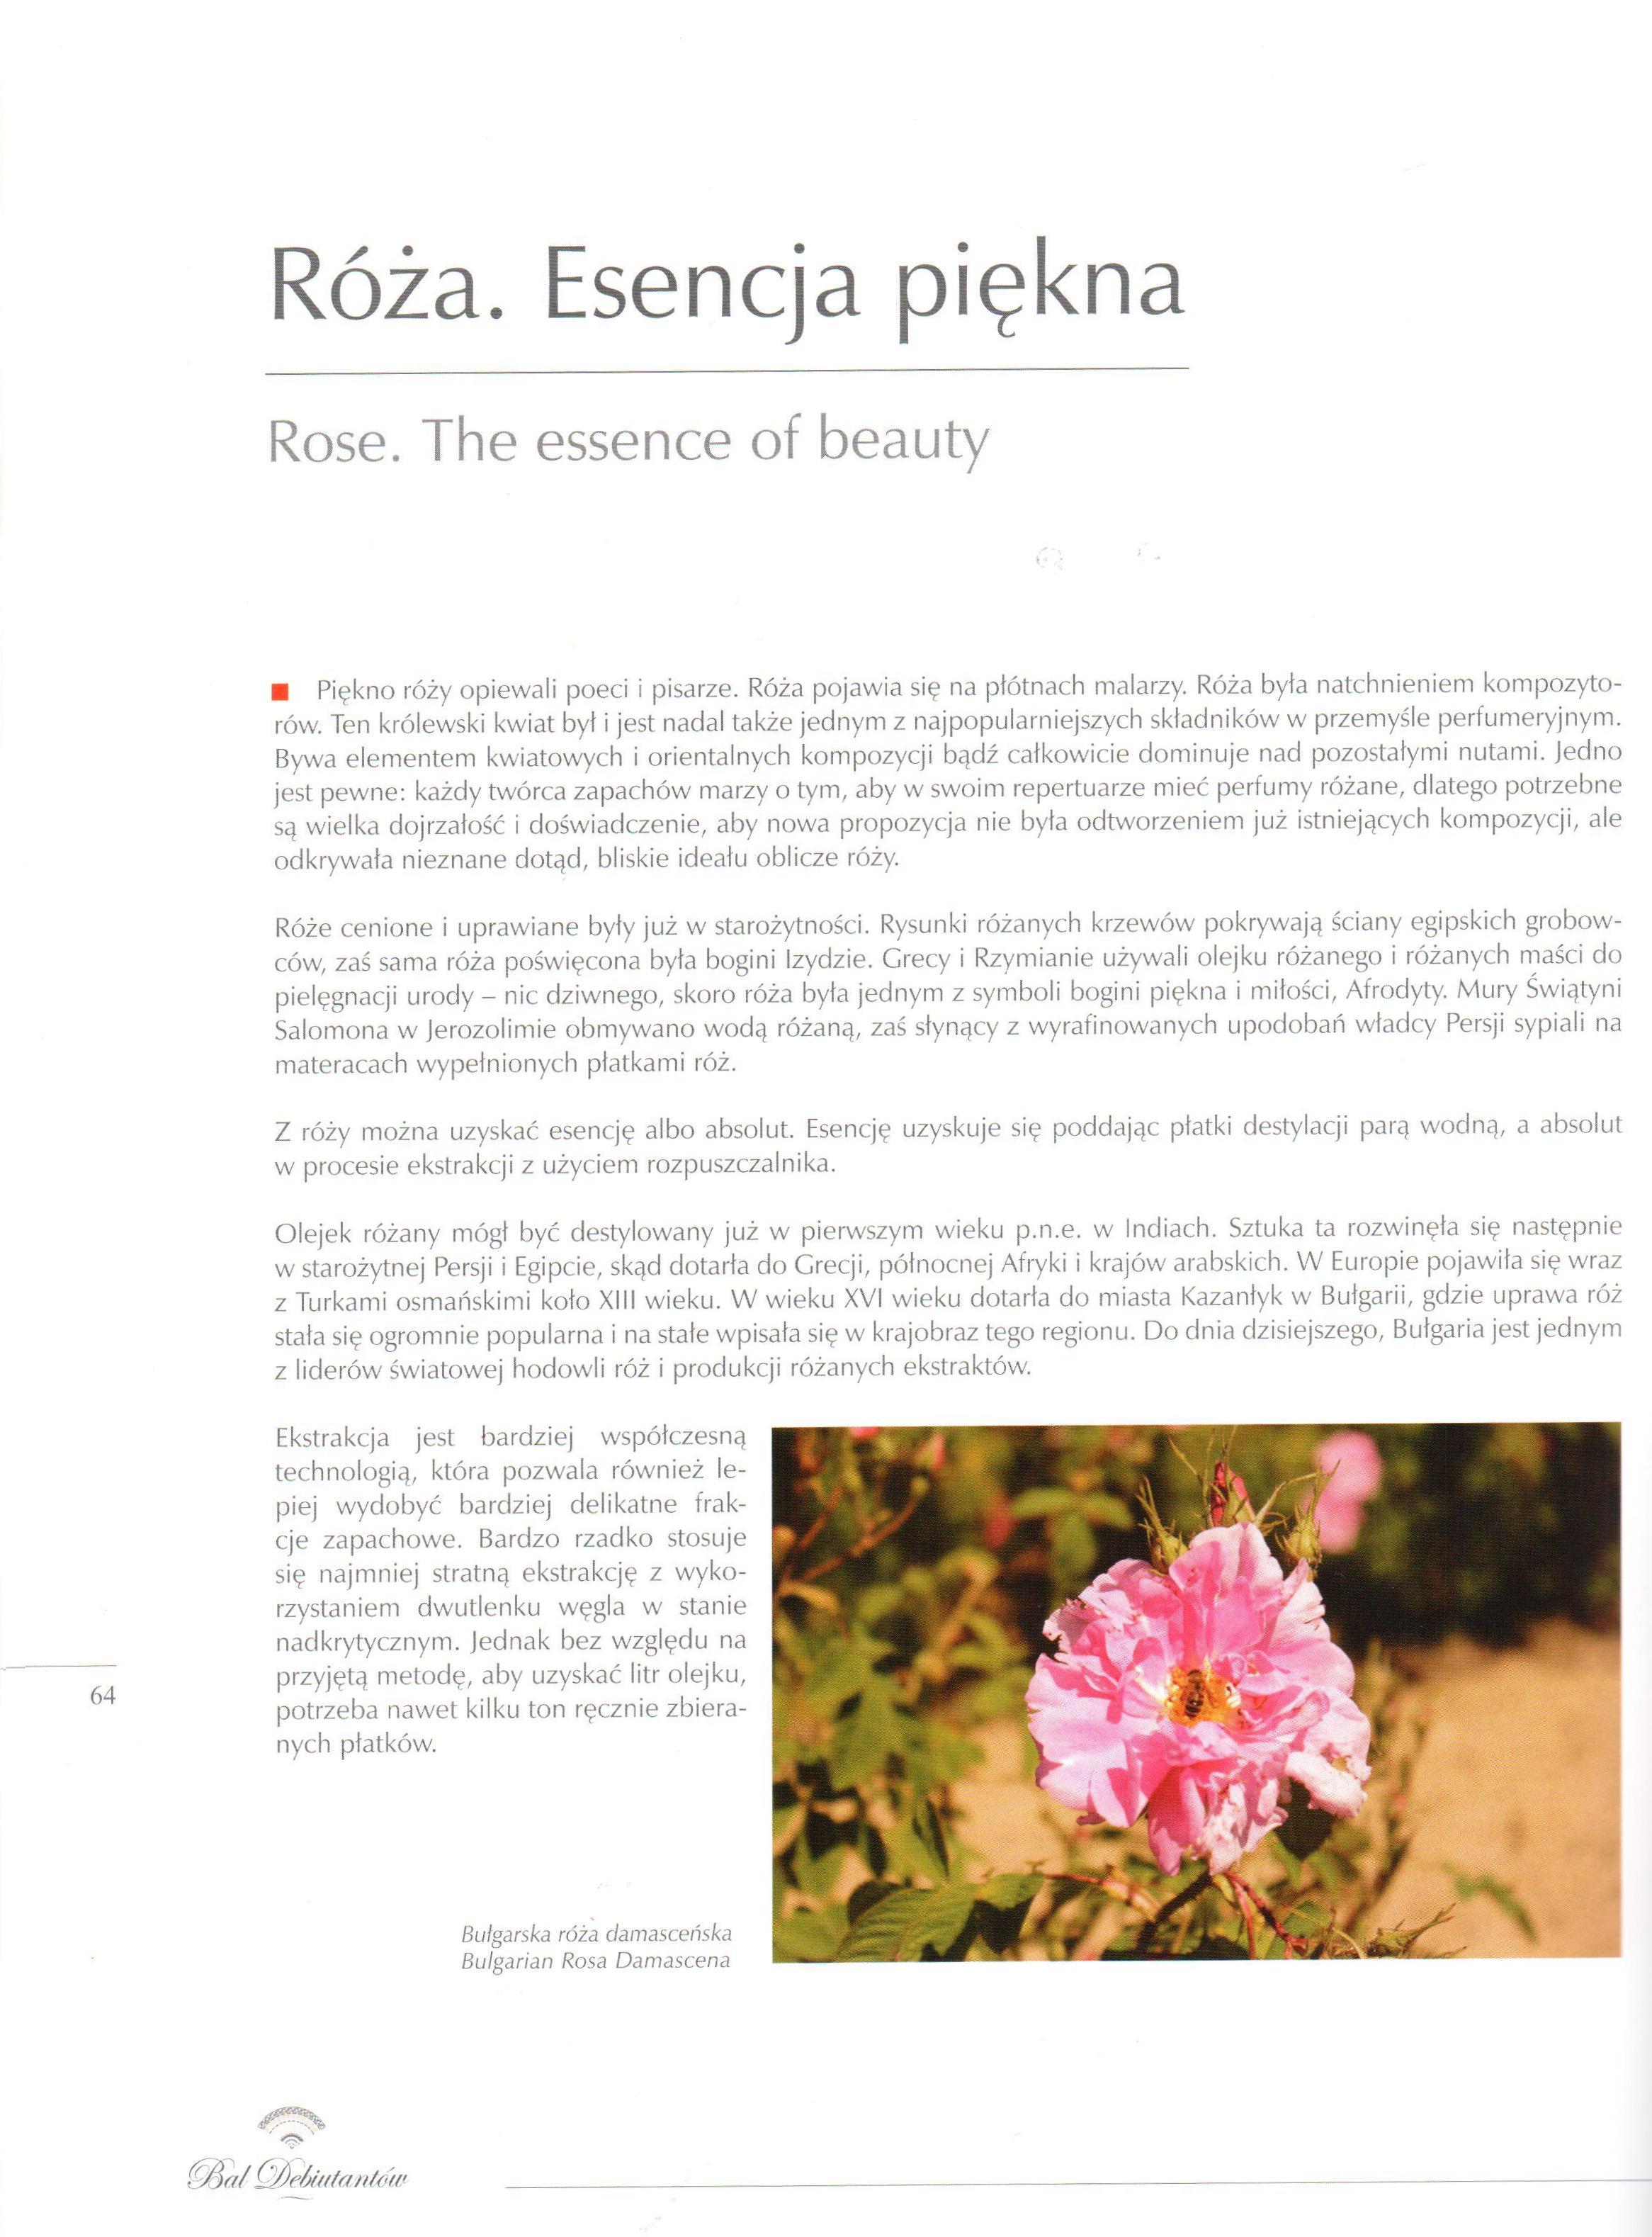 2015.09.05 Album Bal Debiutantów_Artykuł o róży (1)